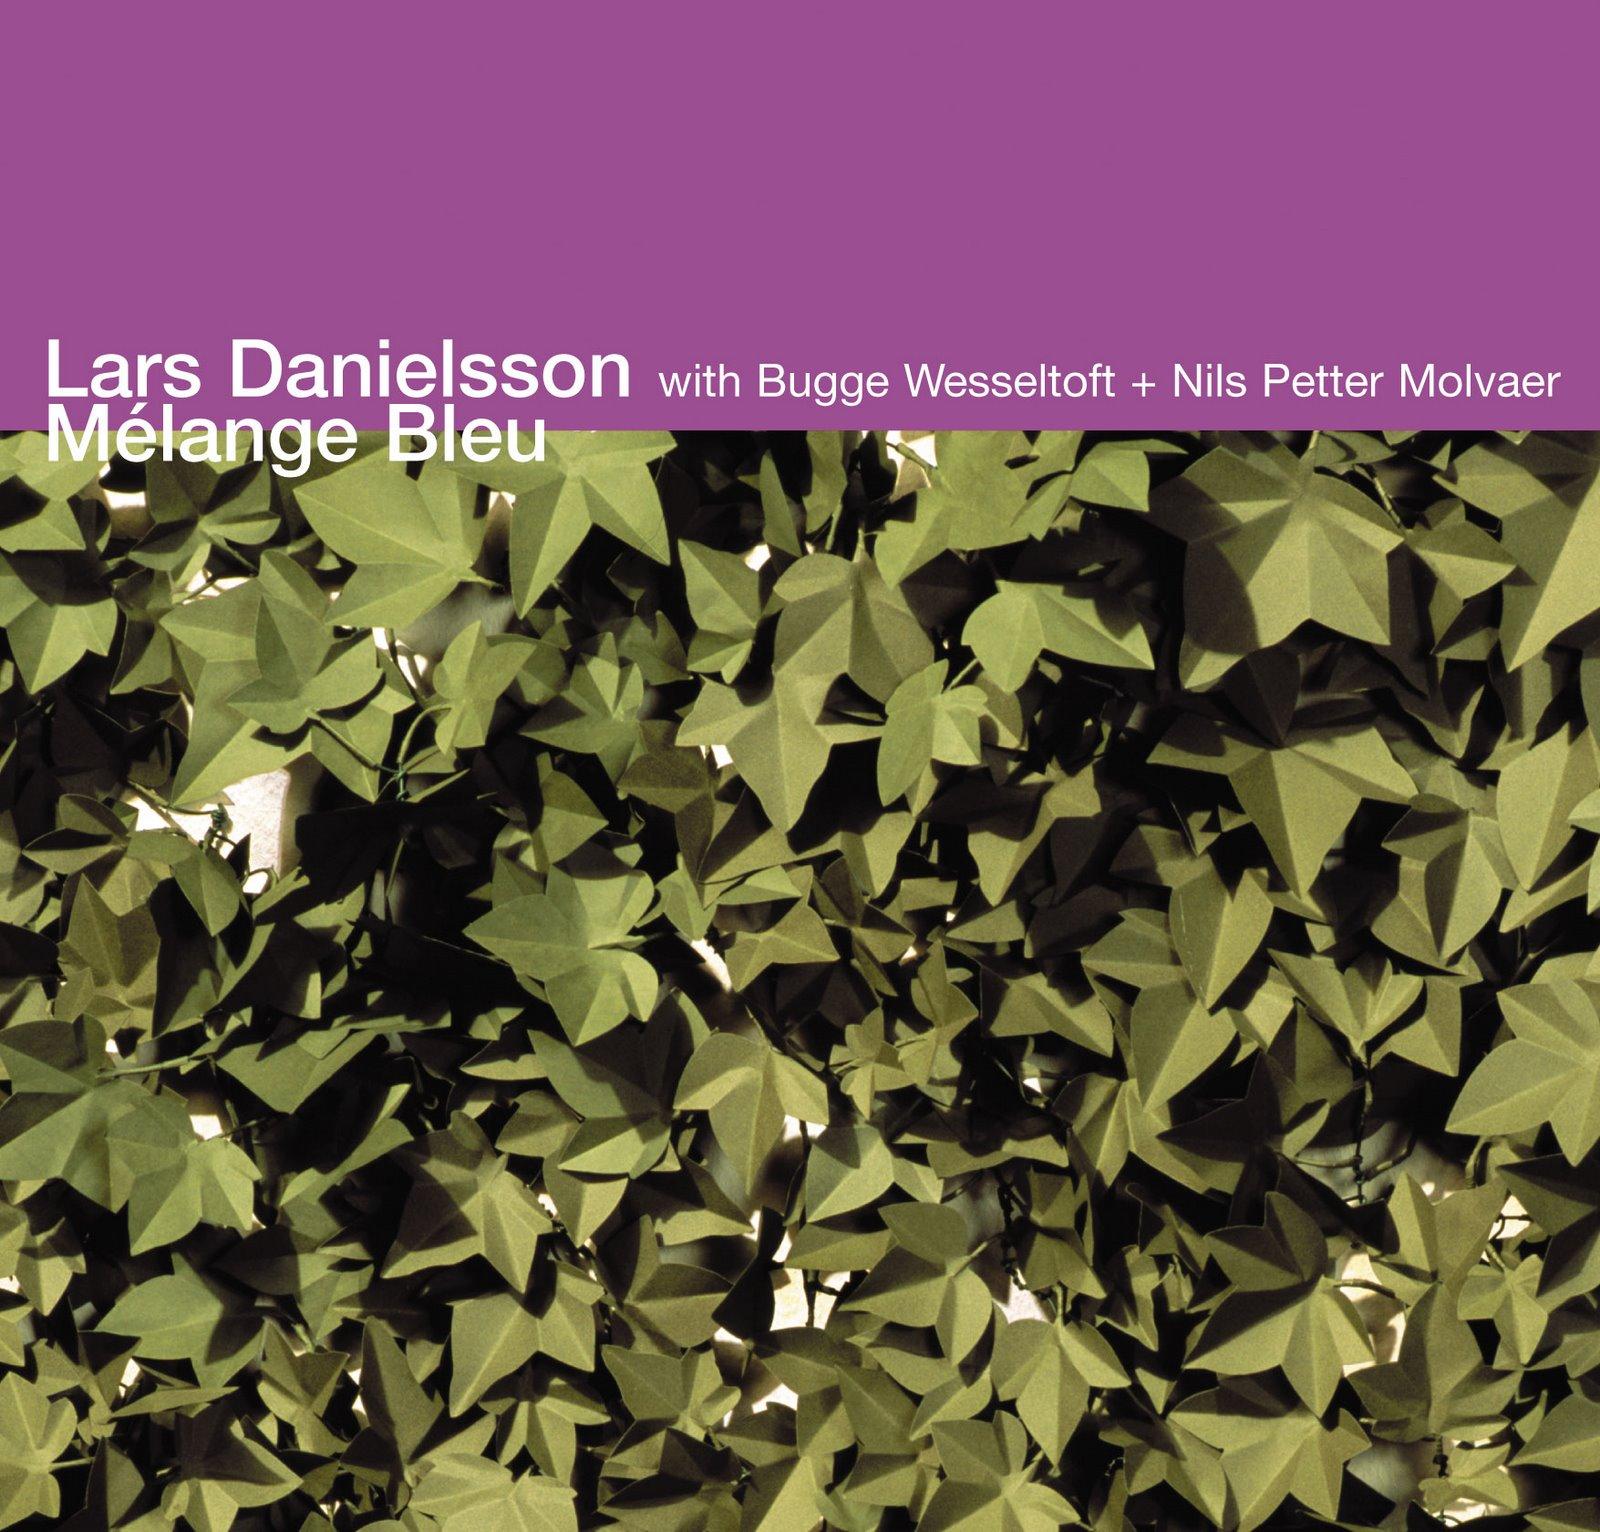 Lars Danielsson - Mélange Bleu